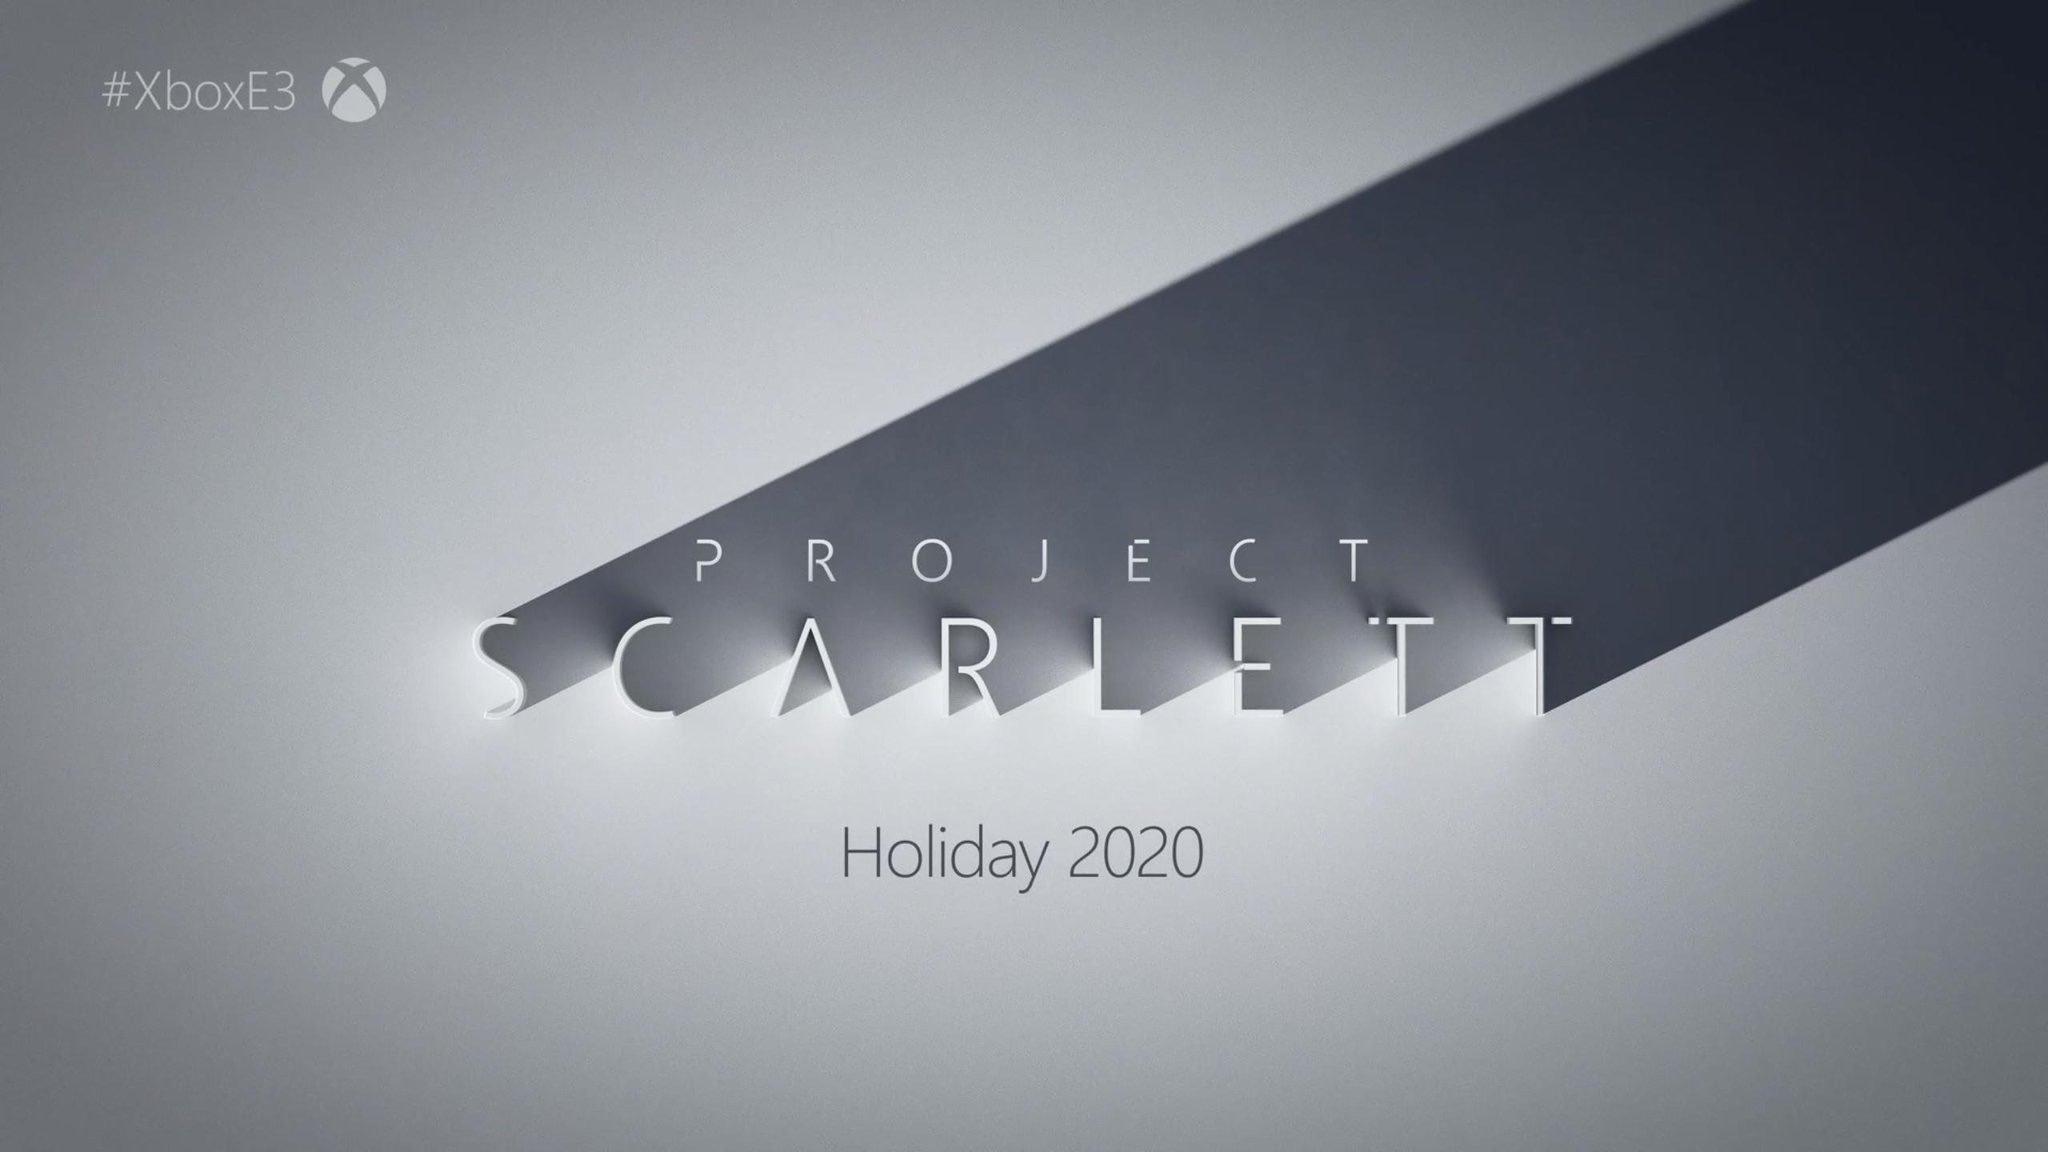 Microsoft анонсировали новую консоль Project Scarlett в продаже в конце 2020 года.